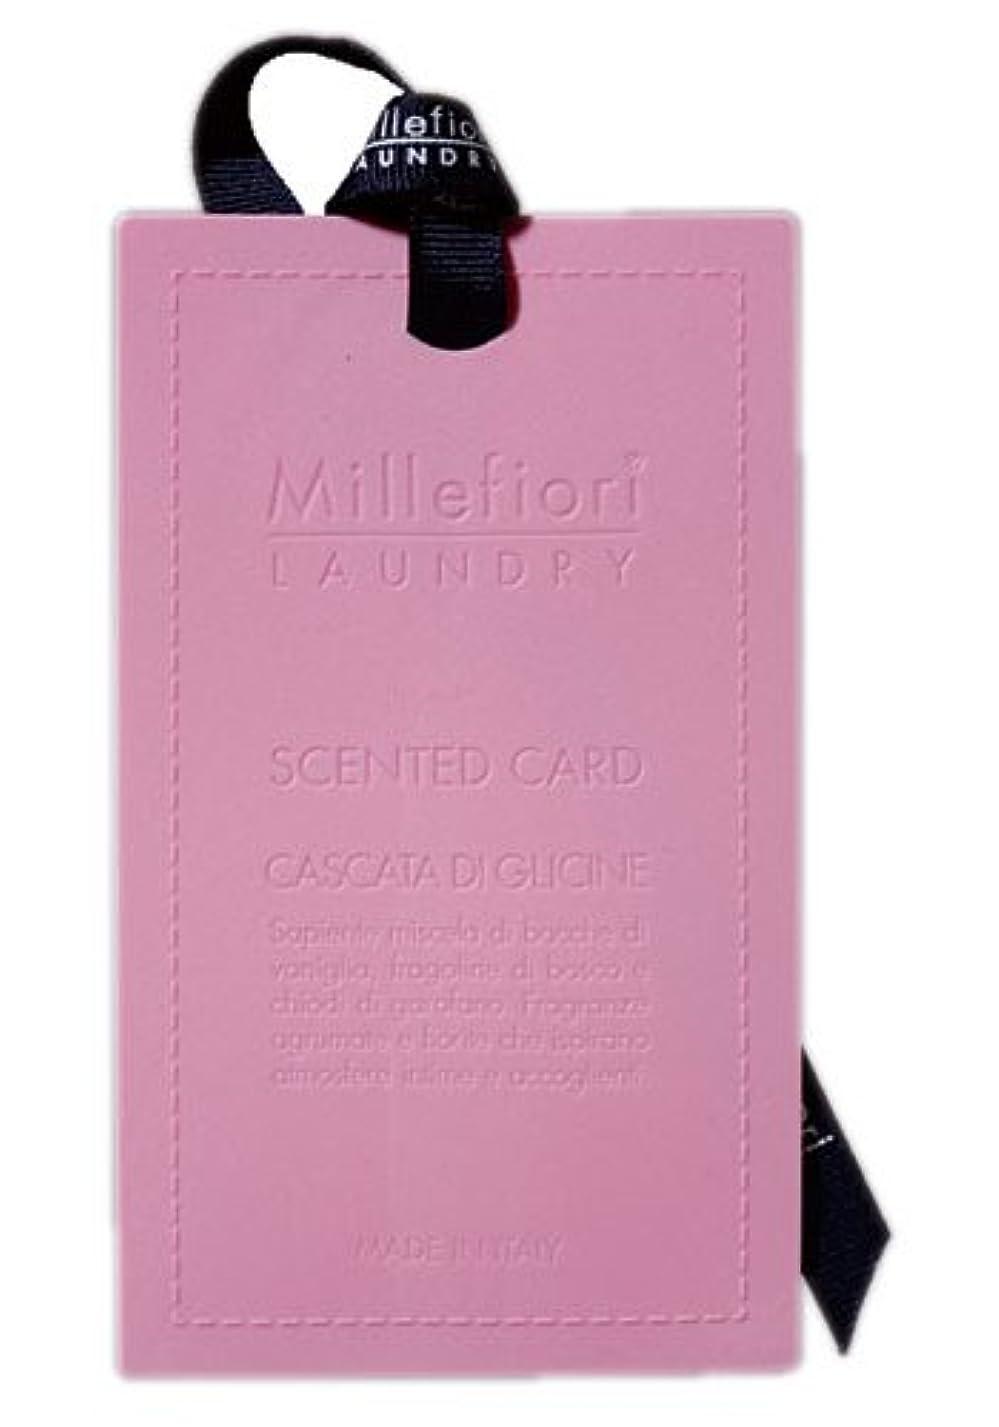 ぺディカブおんどり舌なMillefiori センテッドカード ウィステリア CARD-A-003